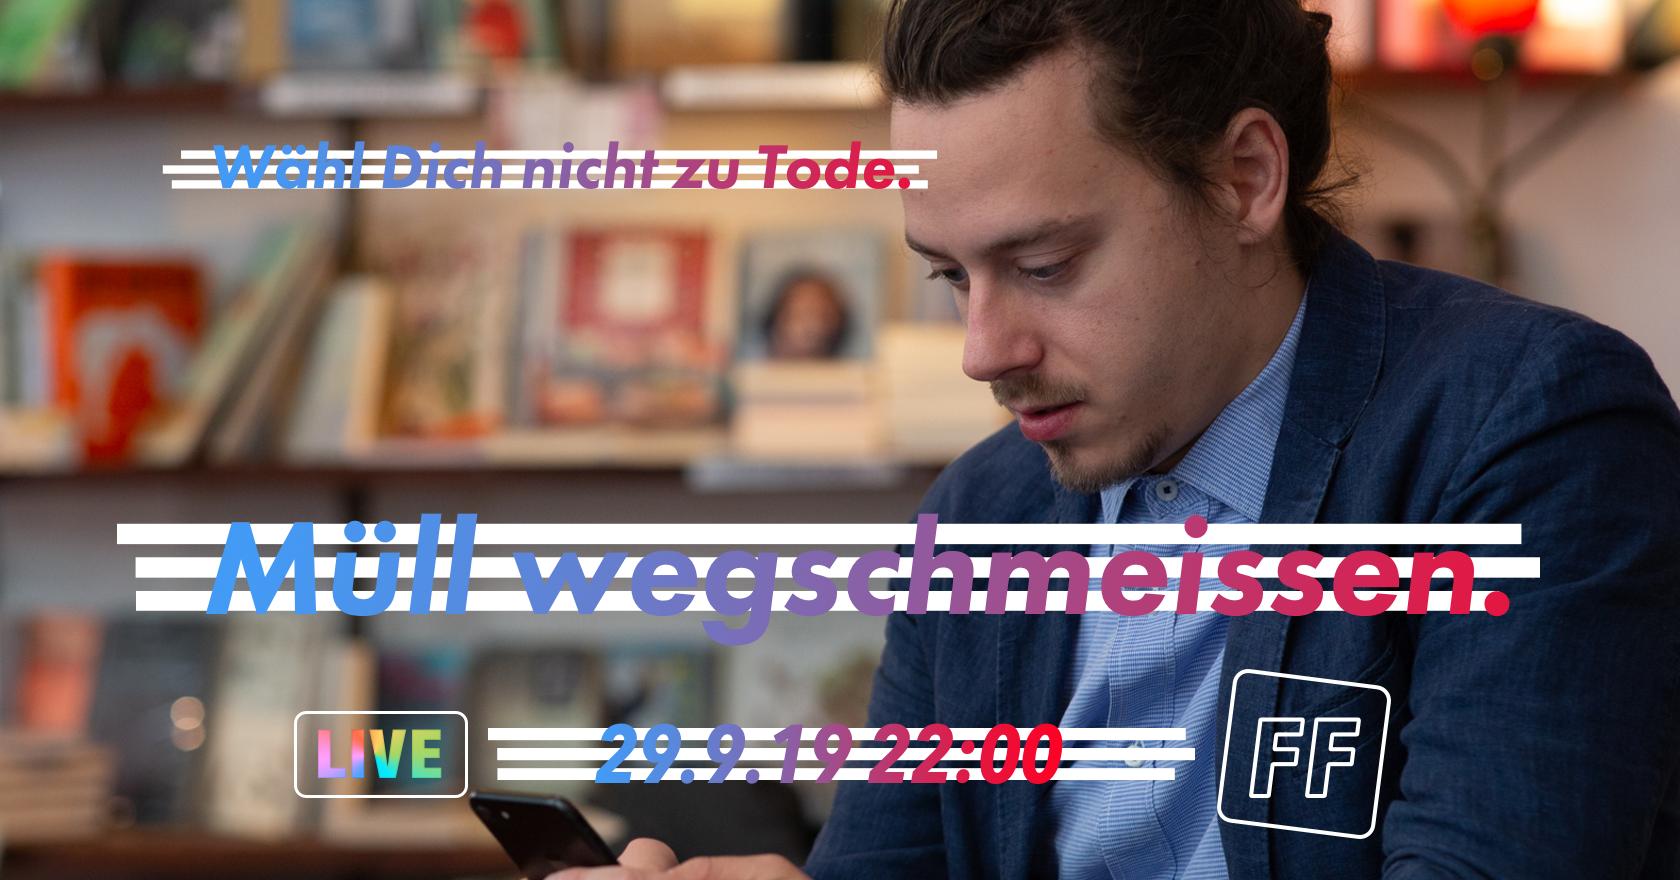 wählen-sie-banner-müll wegschmeissen.png